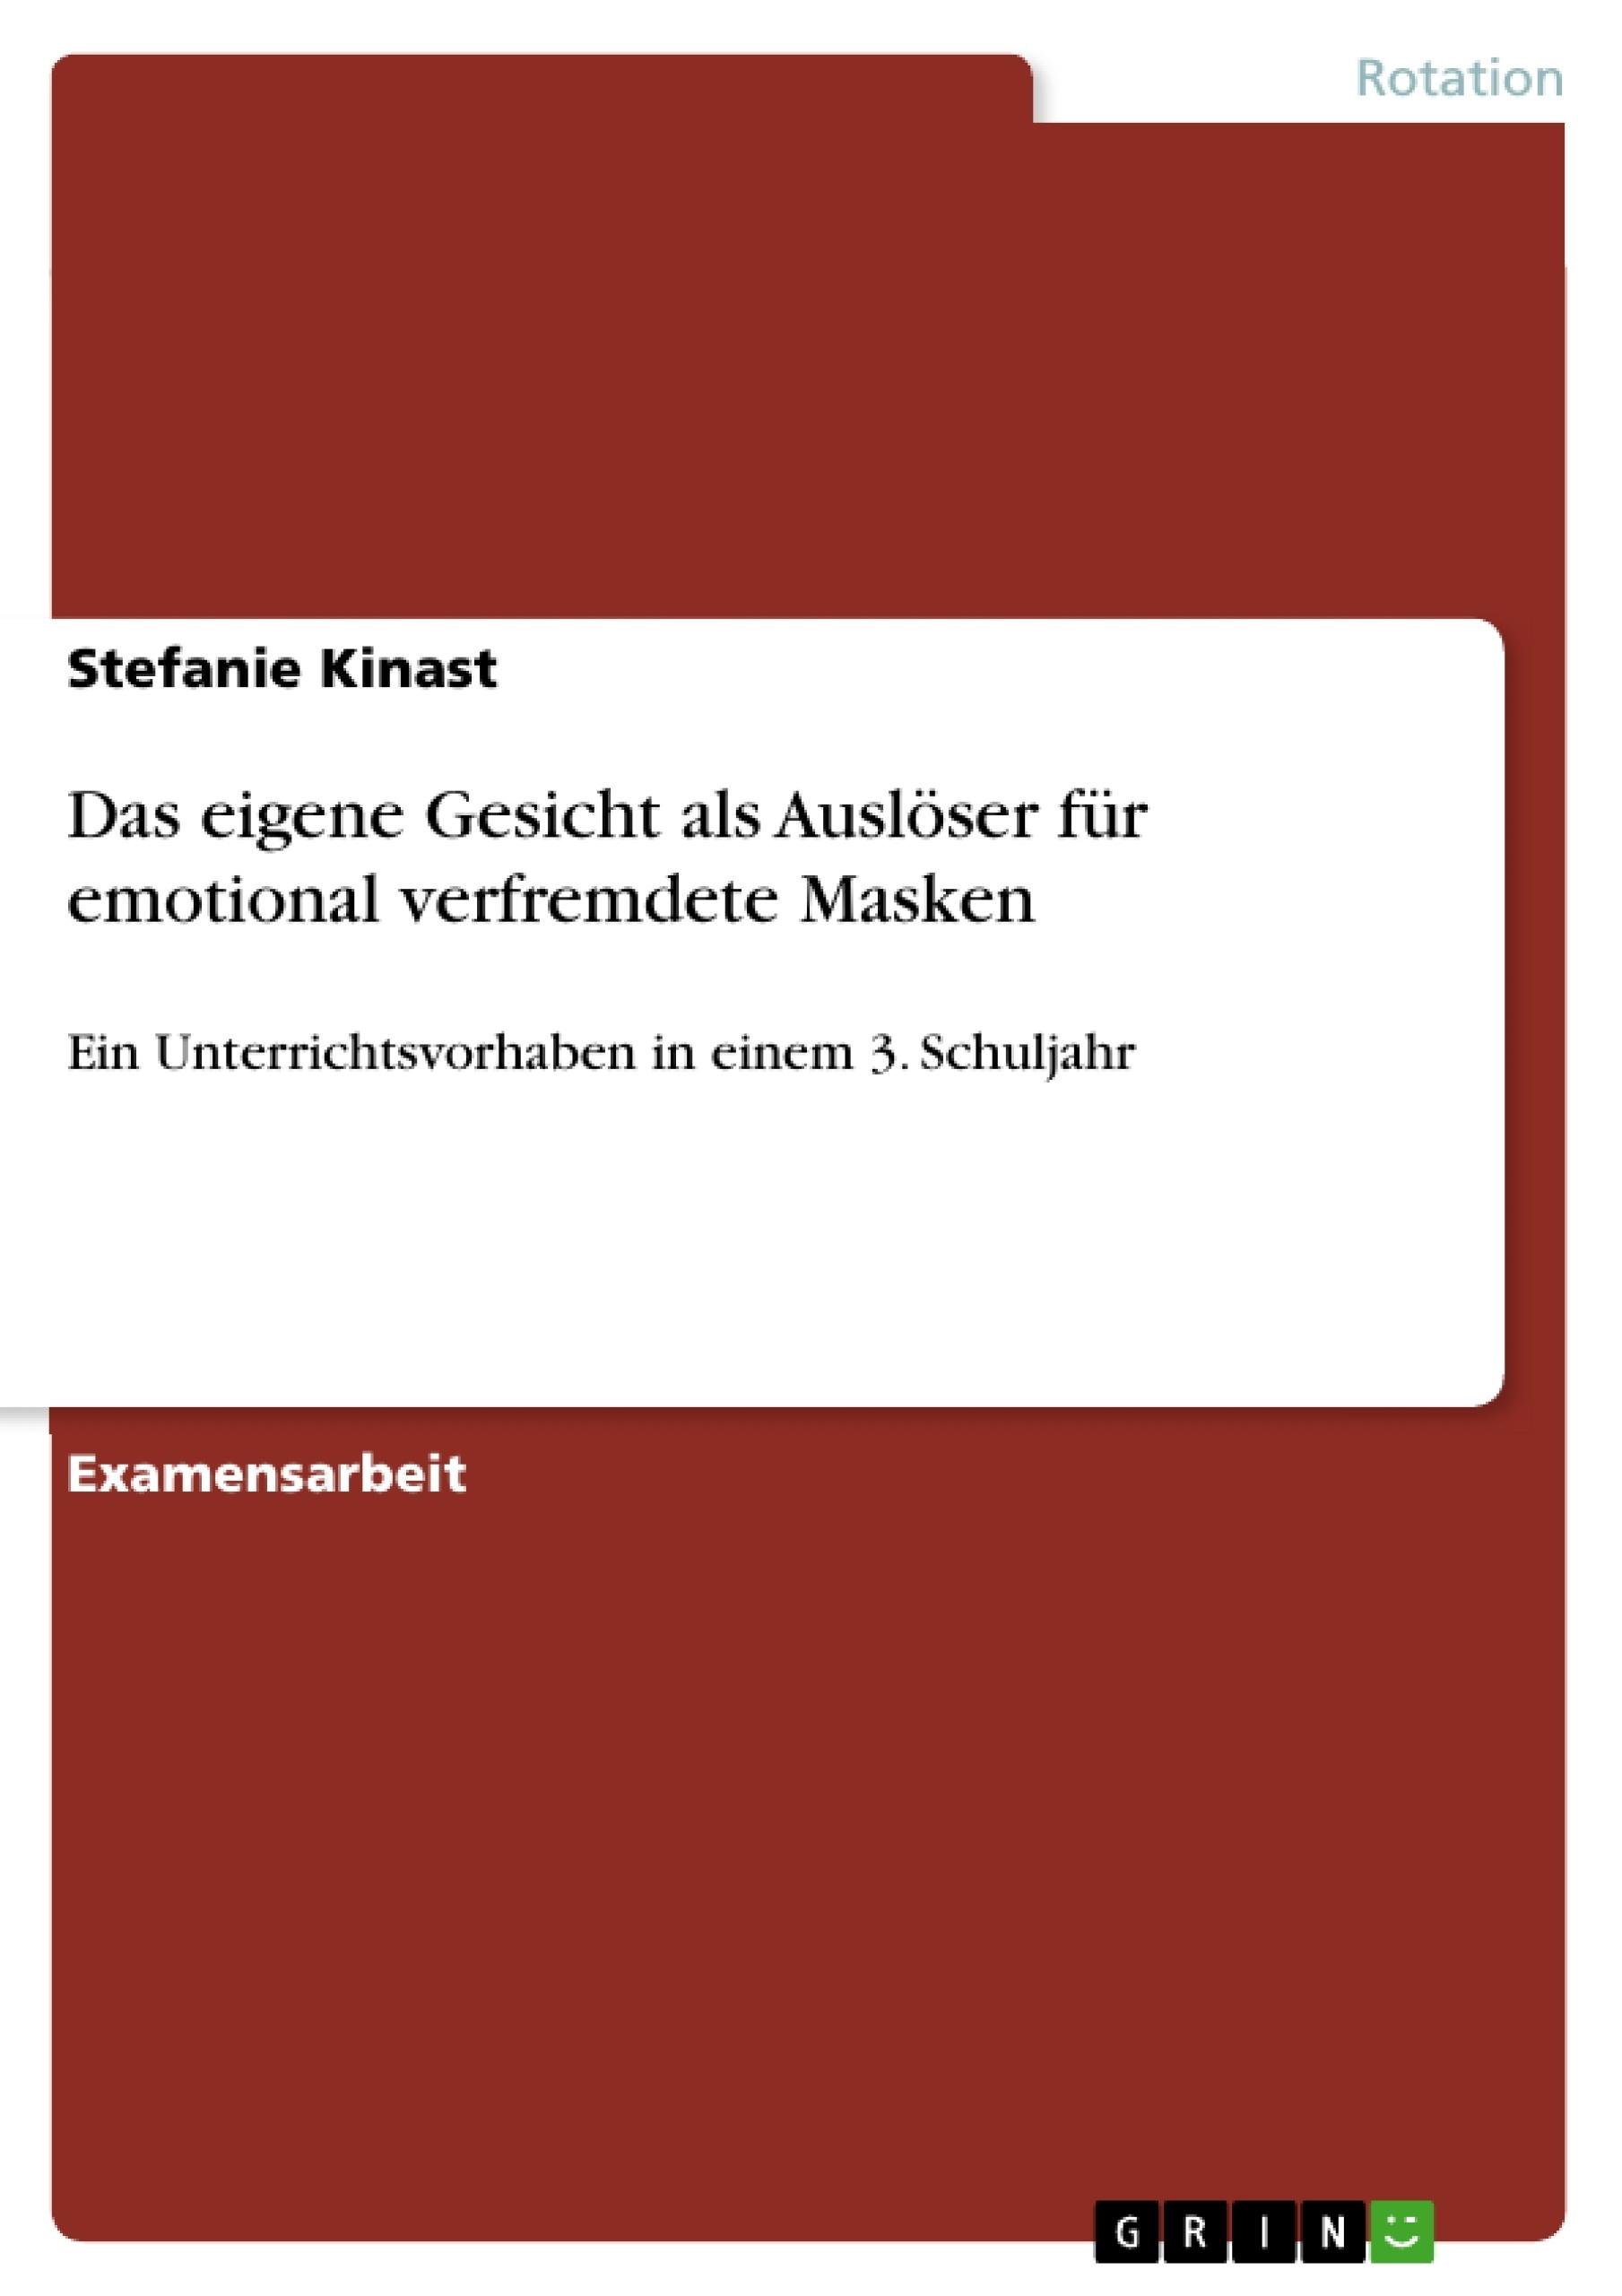 Titel: Das eigene Gesicht als Auslöser für emotional verfremdete Masken